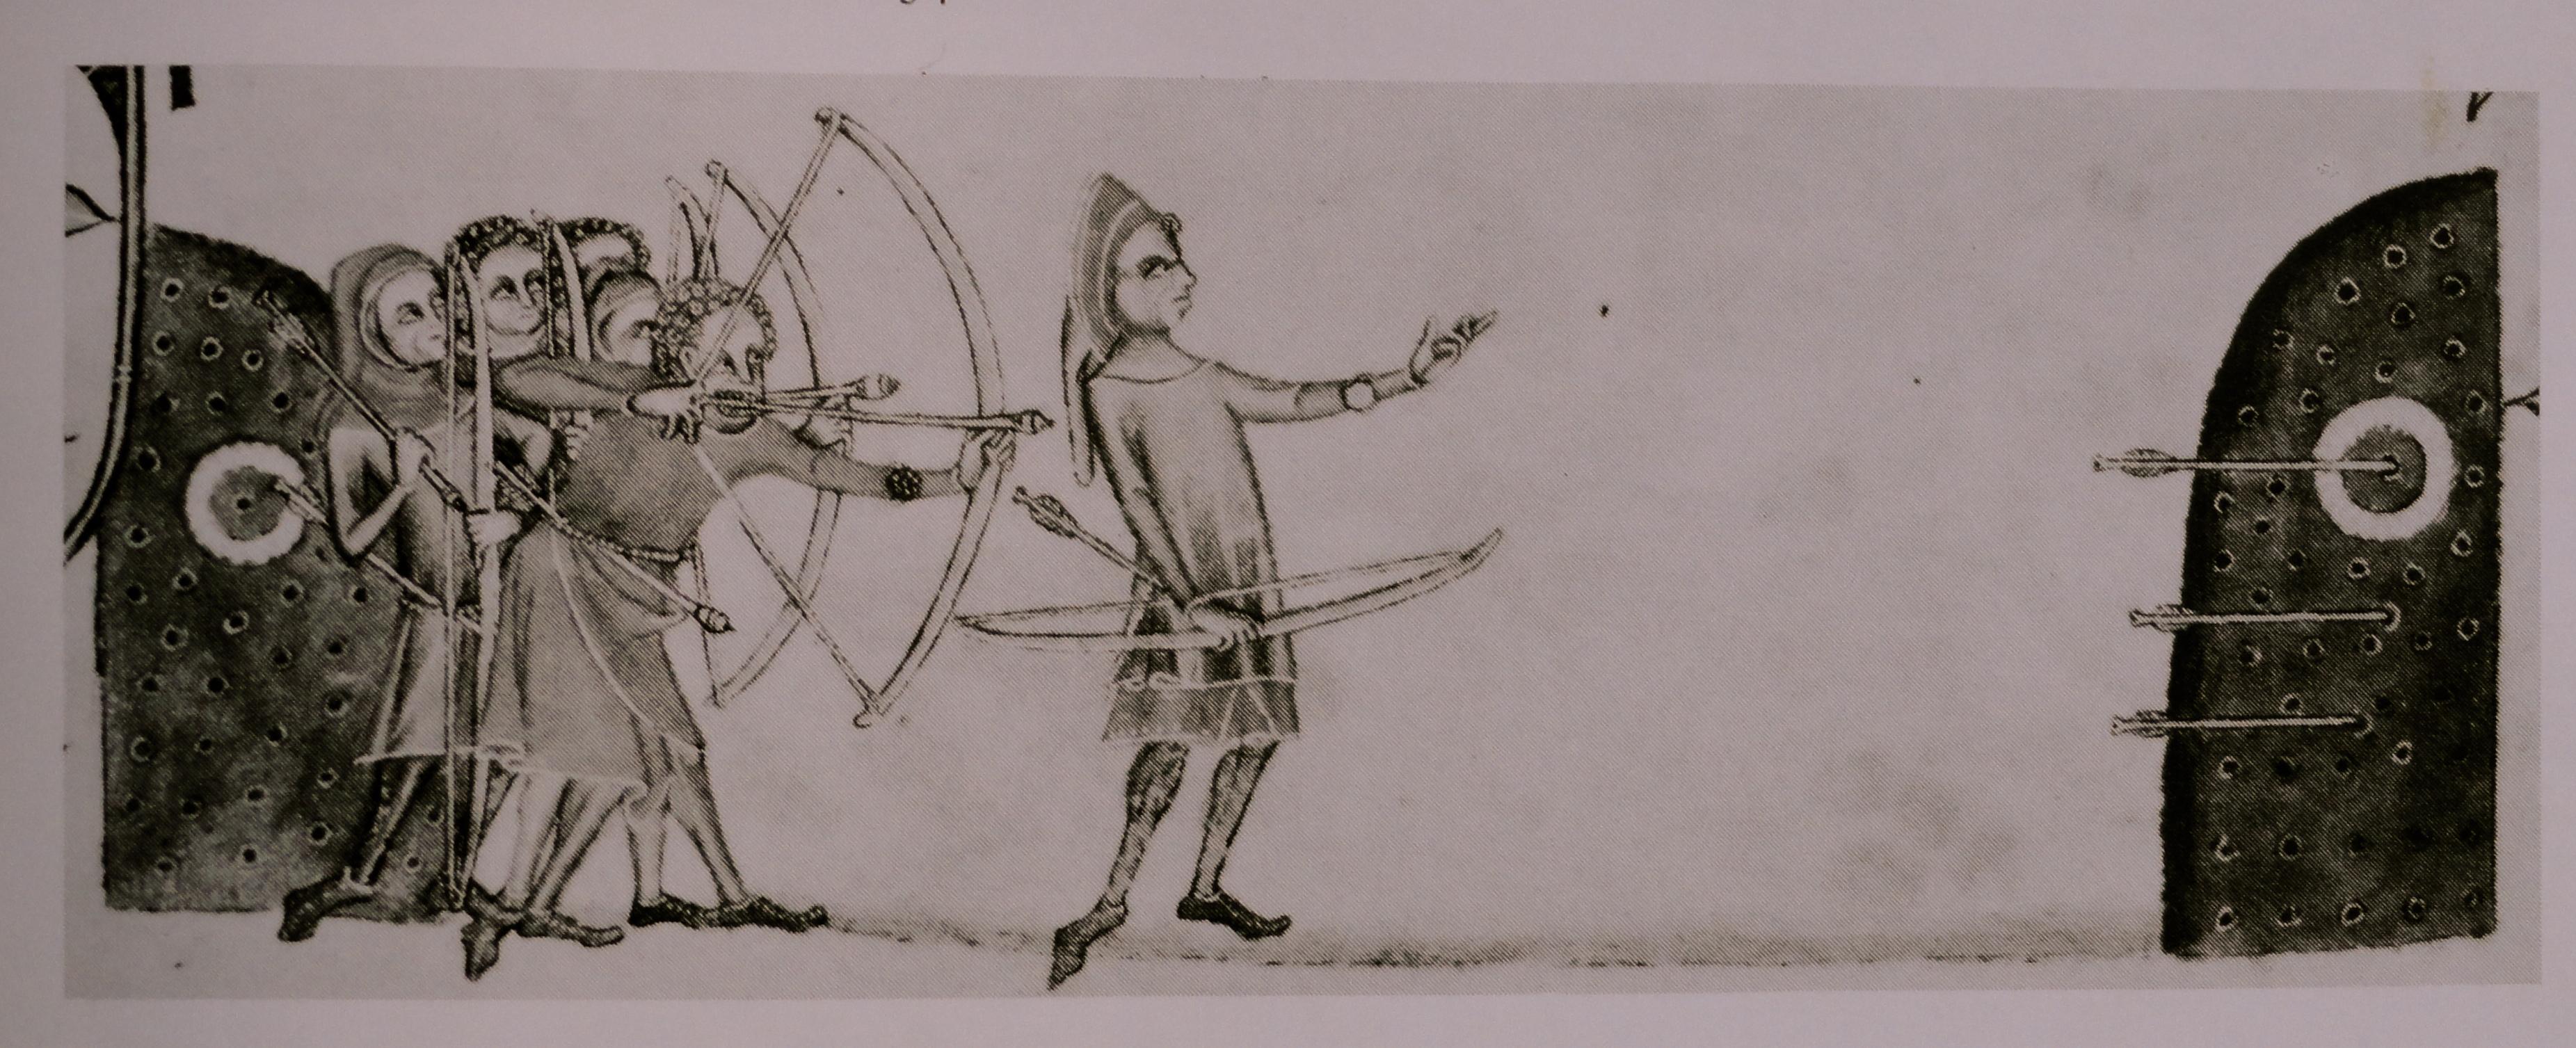 Archer'sGame